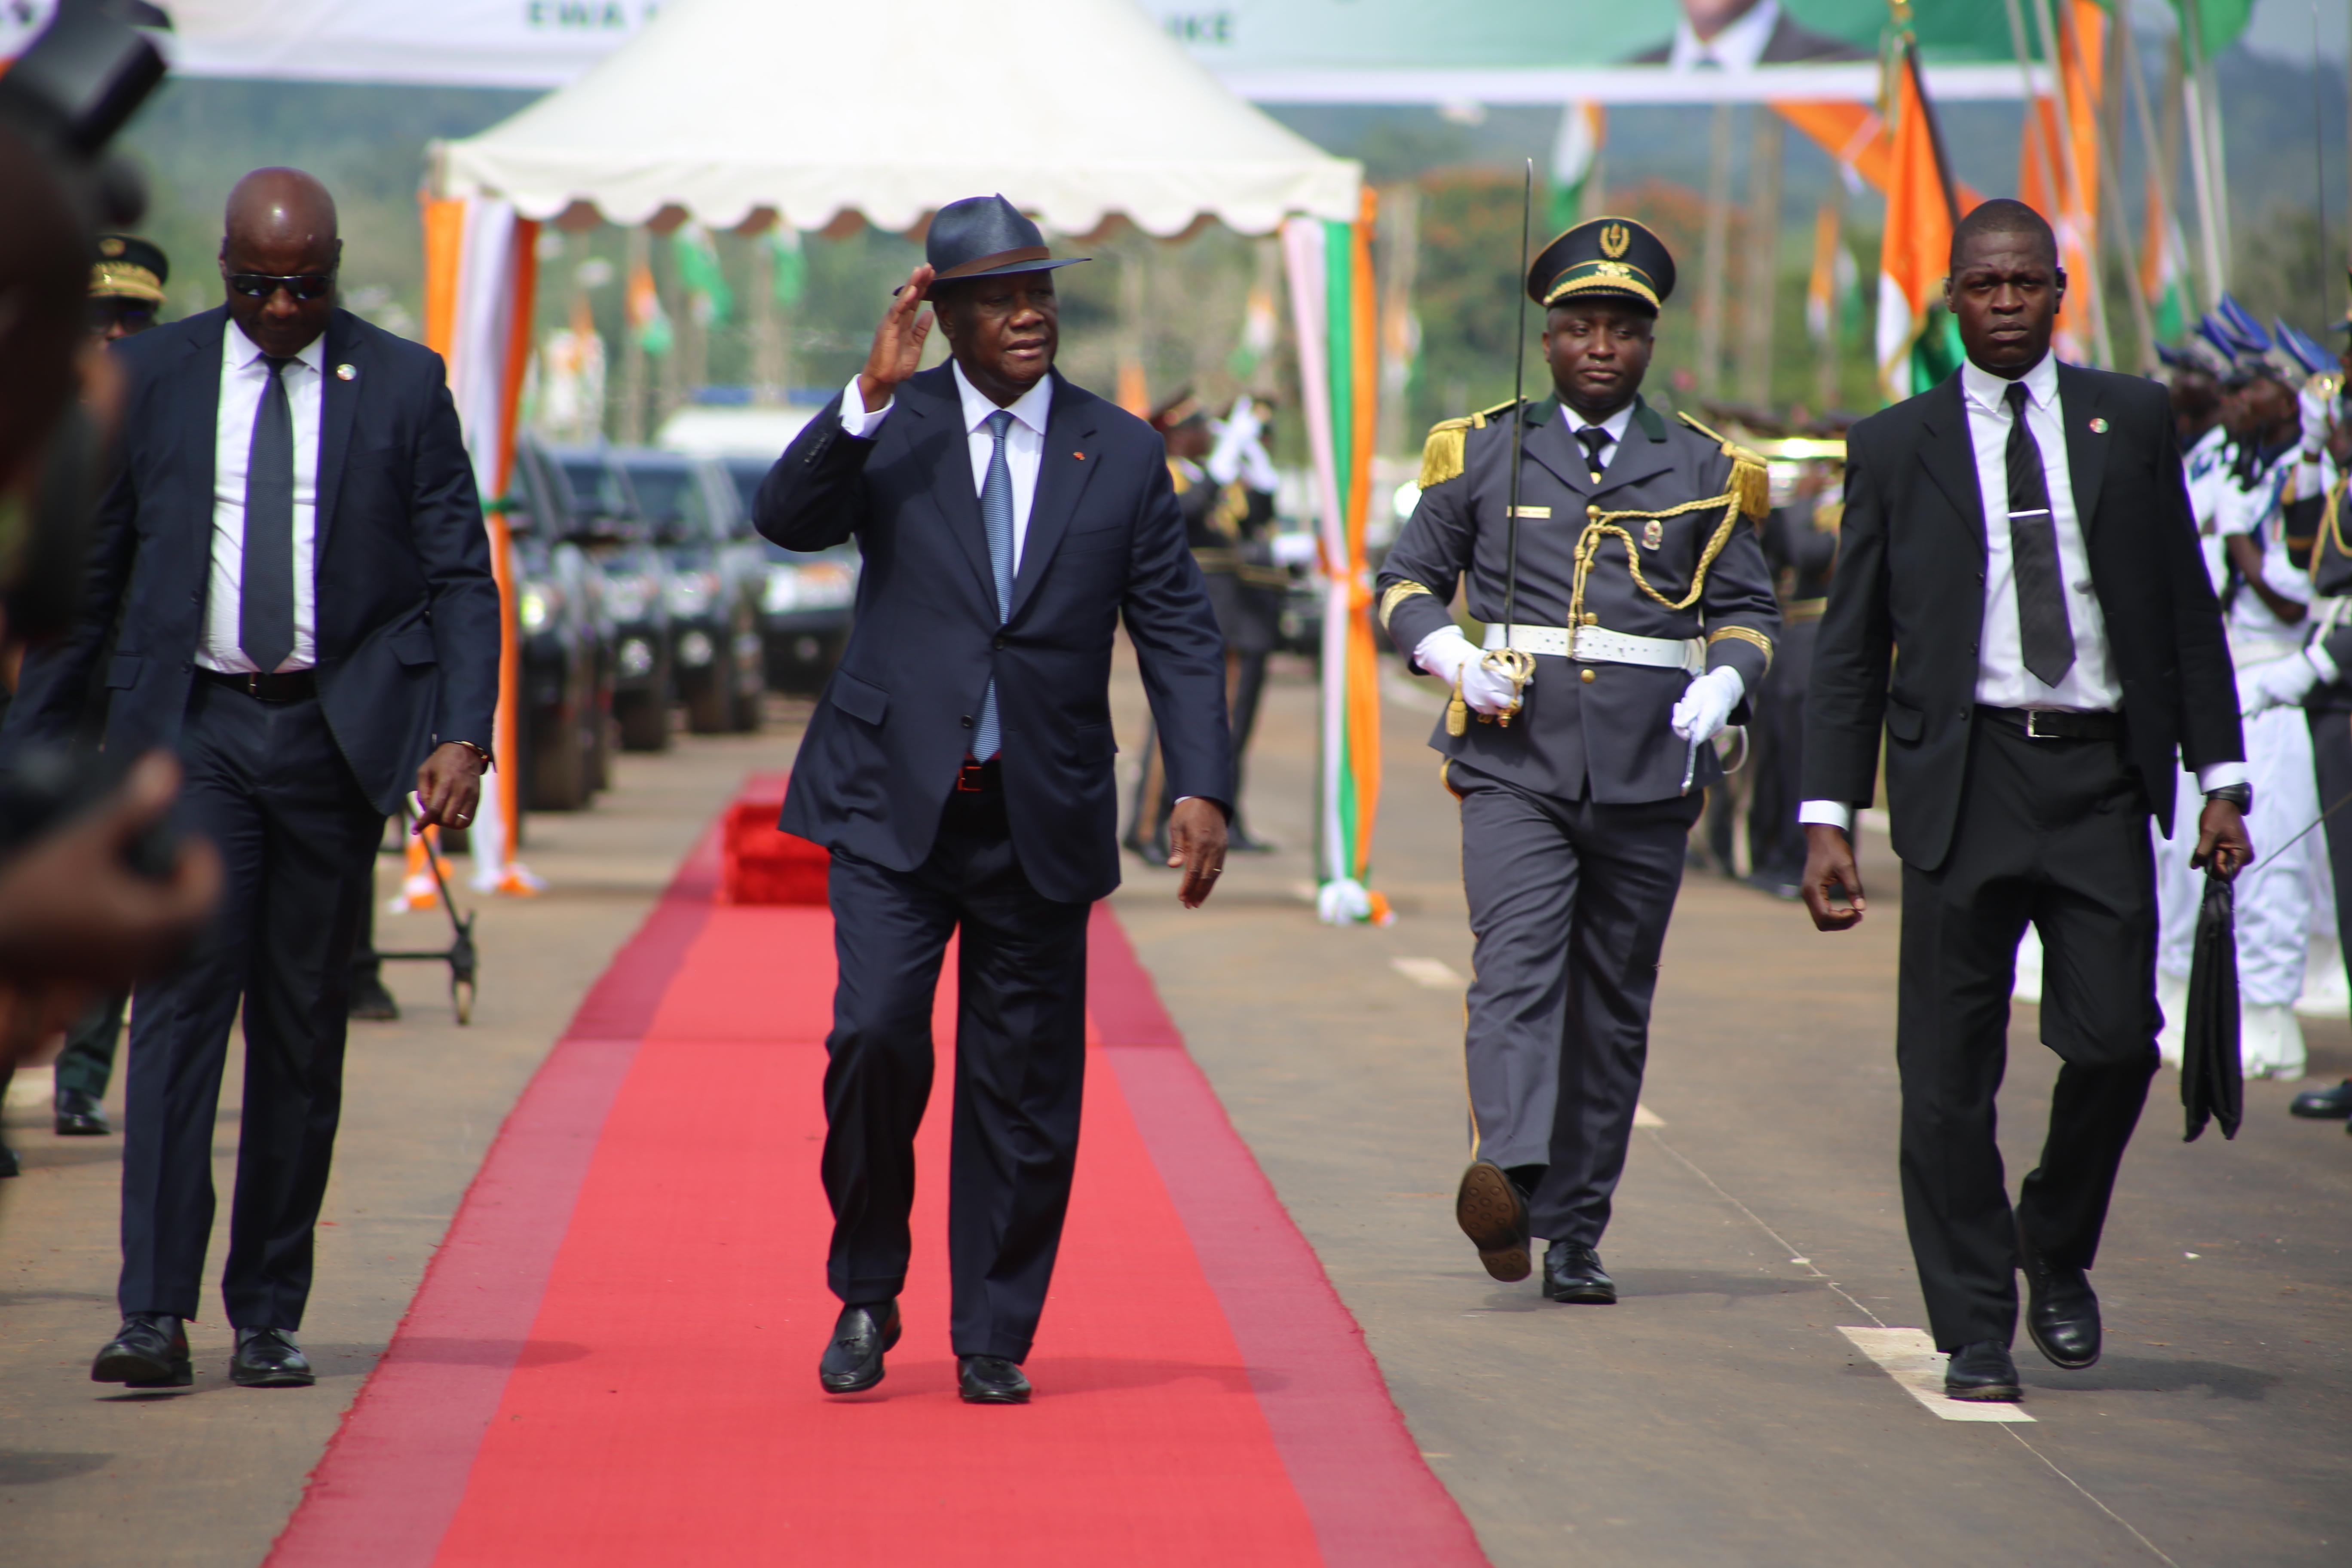 Visite d'Etat,N'Zi,région du N'Zi,Ouattara,Alassane Ouattara